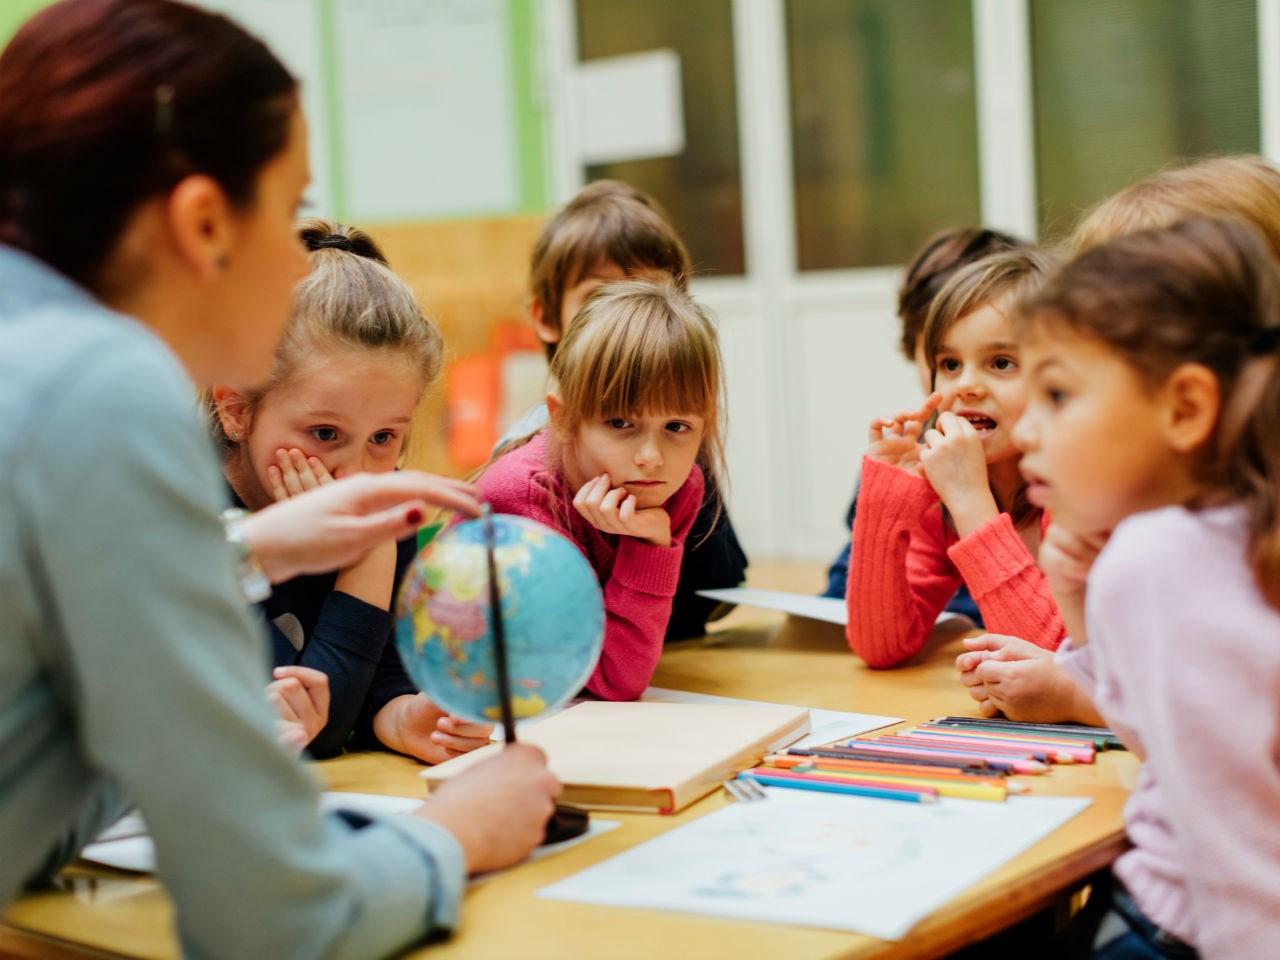 Δάσκαλοι των παιδιών μας – Άρθρο που πρέπει να διαβάσουν οι γονείς |  healthweb.gr